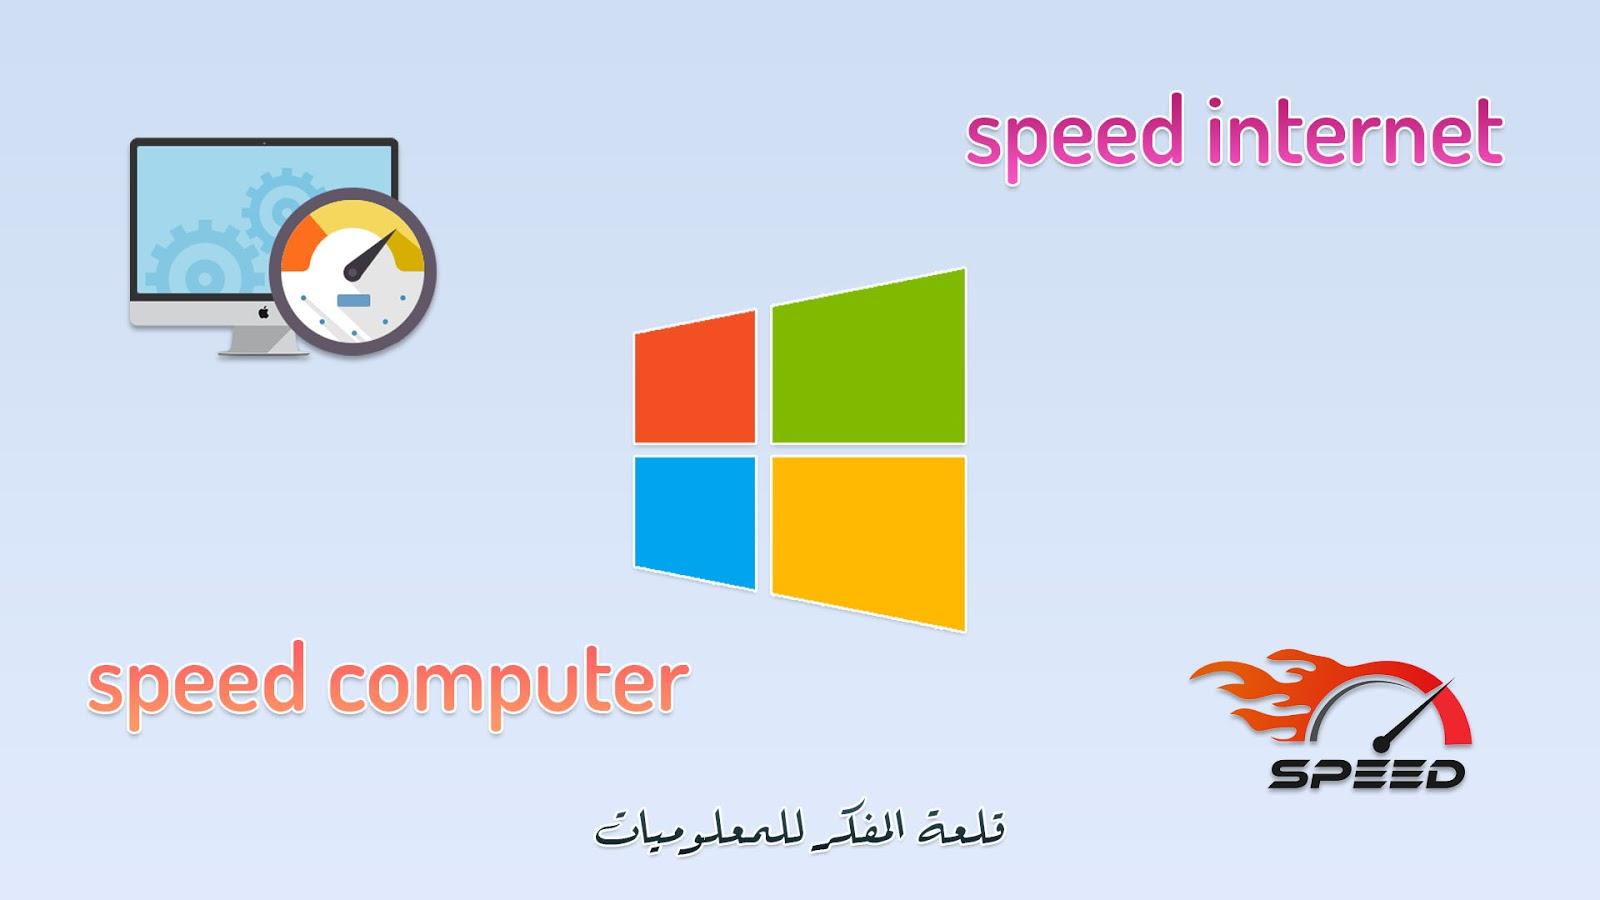 تنظيف وتسريع الكمبيوتر